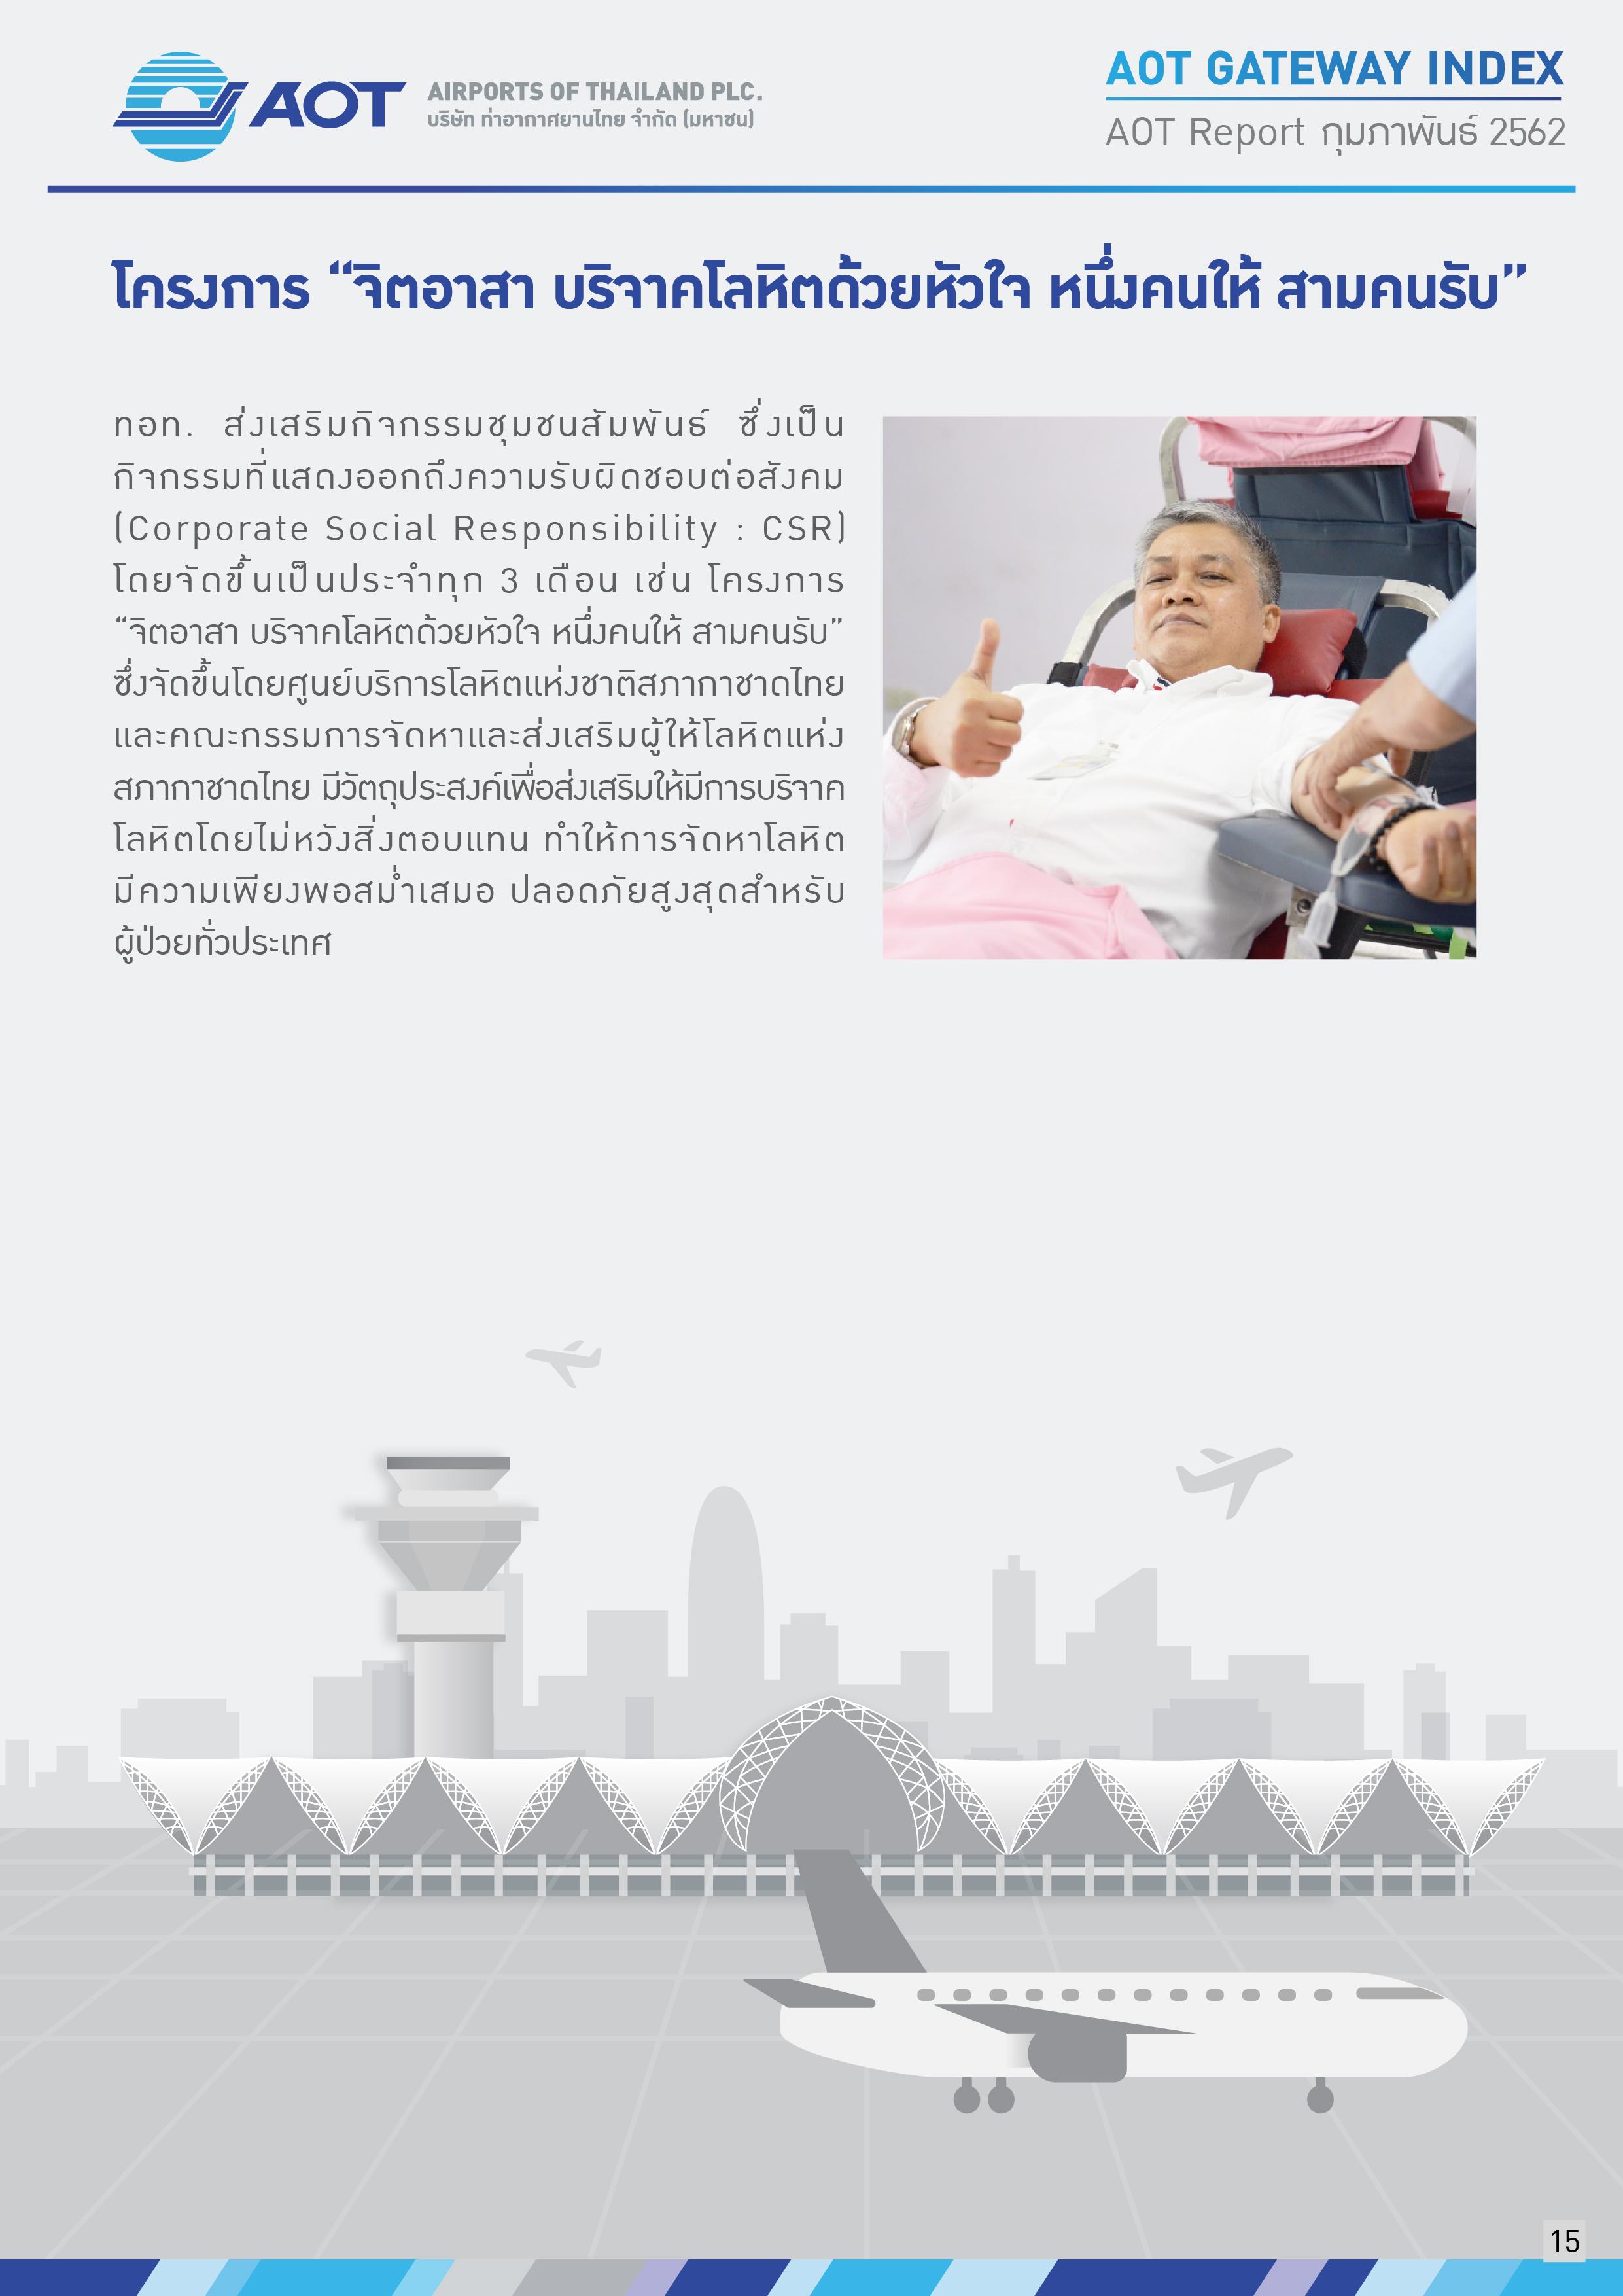 AOT_Index_03_20190418_V.7_Page15